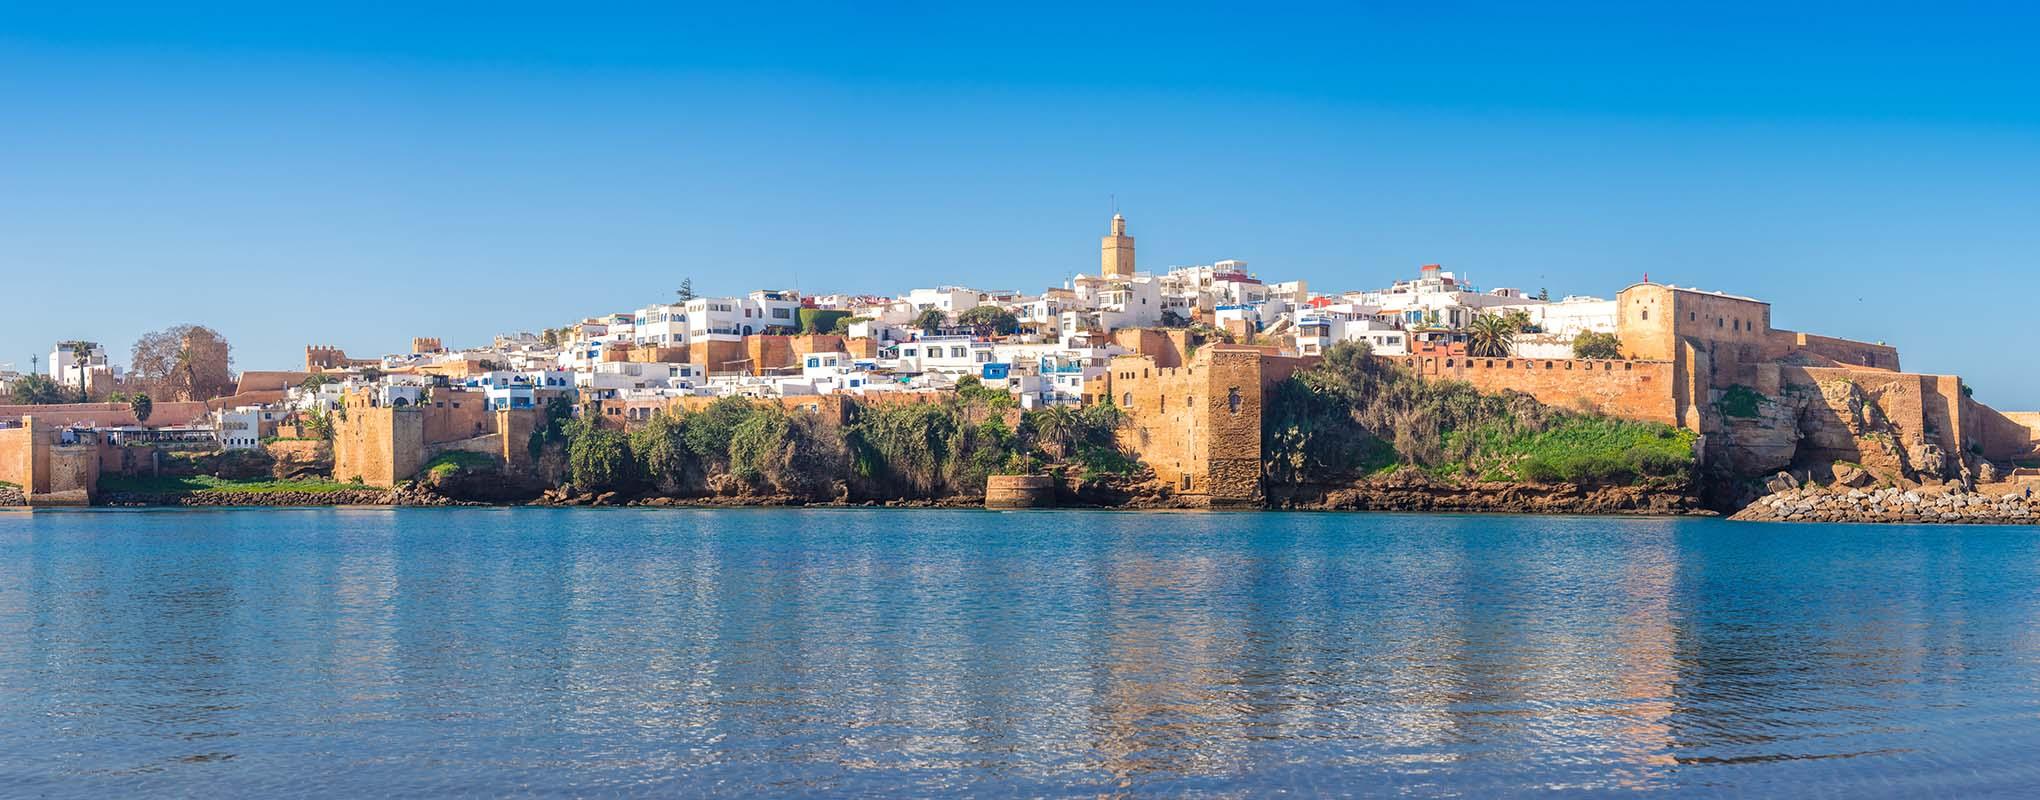 Rabat ciudad imperial de Marruecos